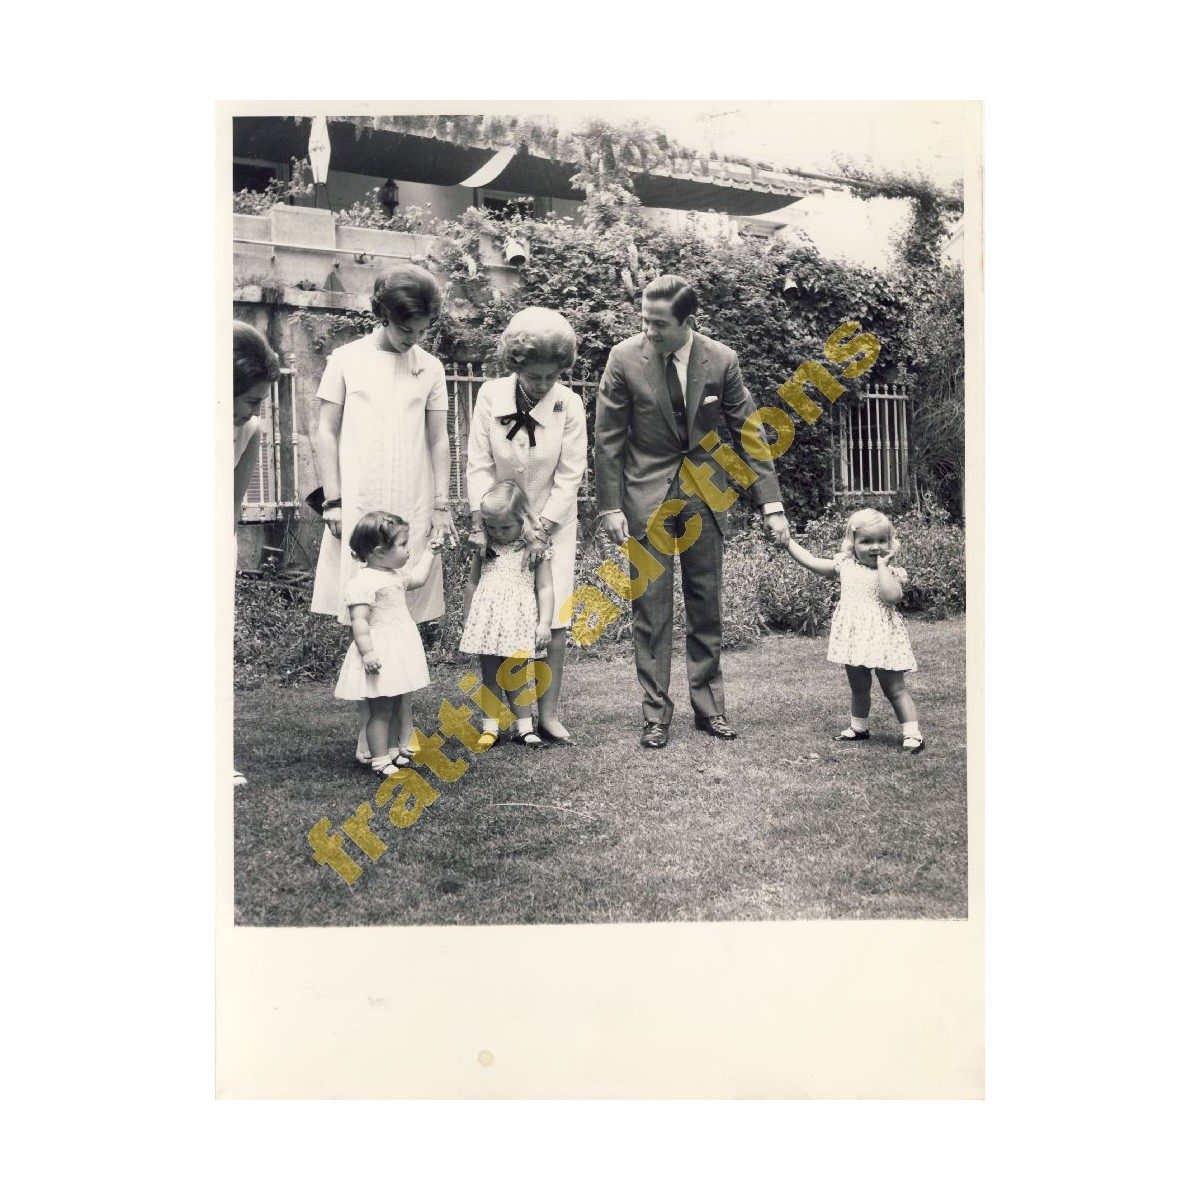 2 φωτογραφίες με την Βασιλική οικογένεια της Ελλάδας.